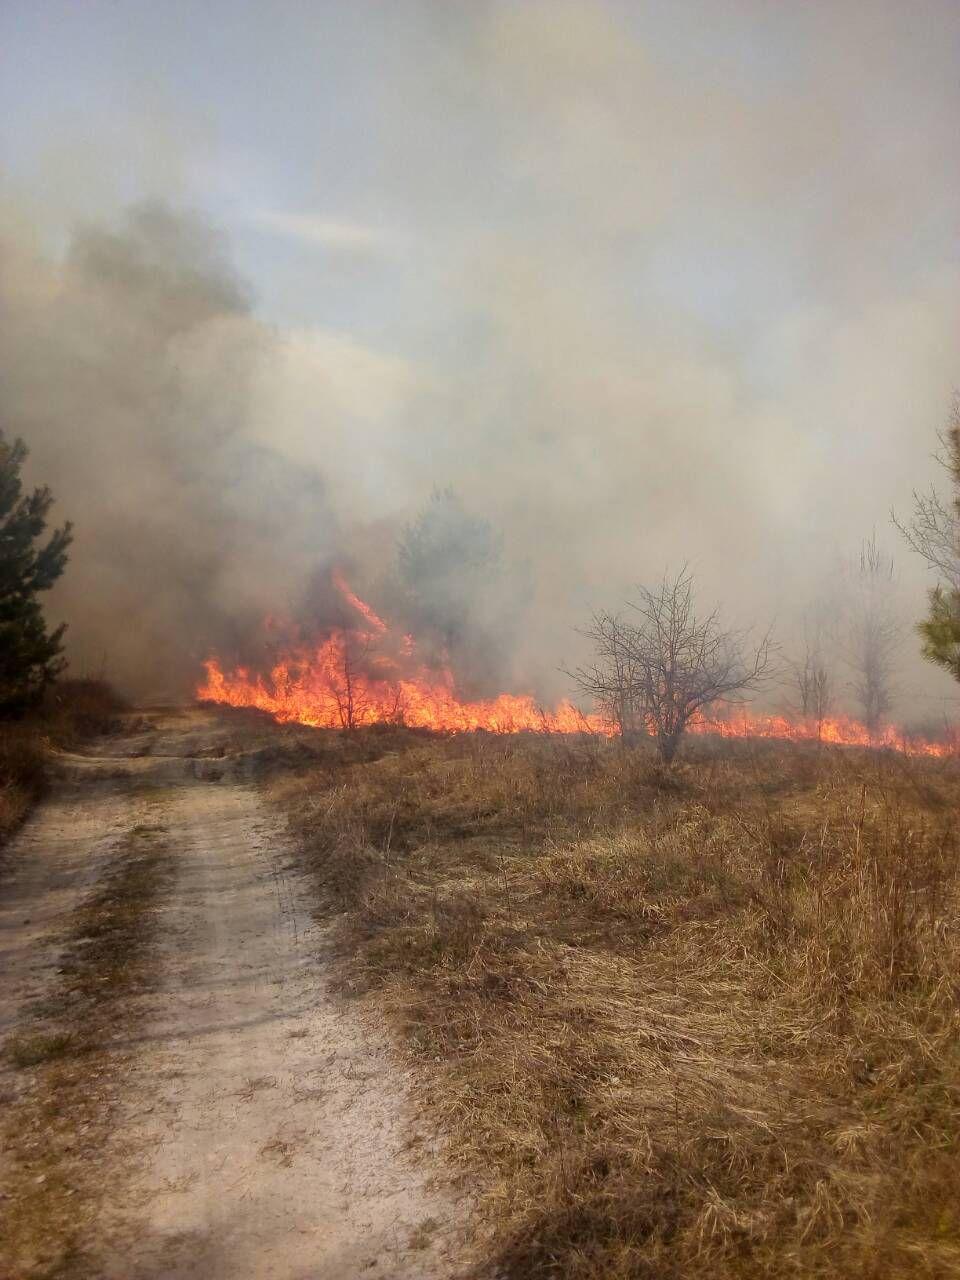 На Іванківщині горіли гектари лісової підстилки, зелених насаджень та сміття -  - photo 2020 03 28 08 58 48